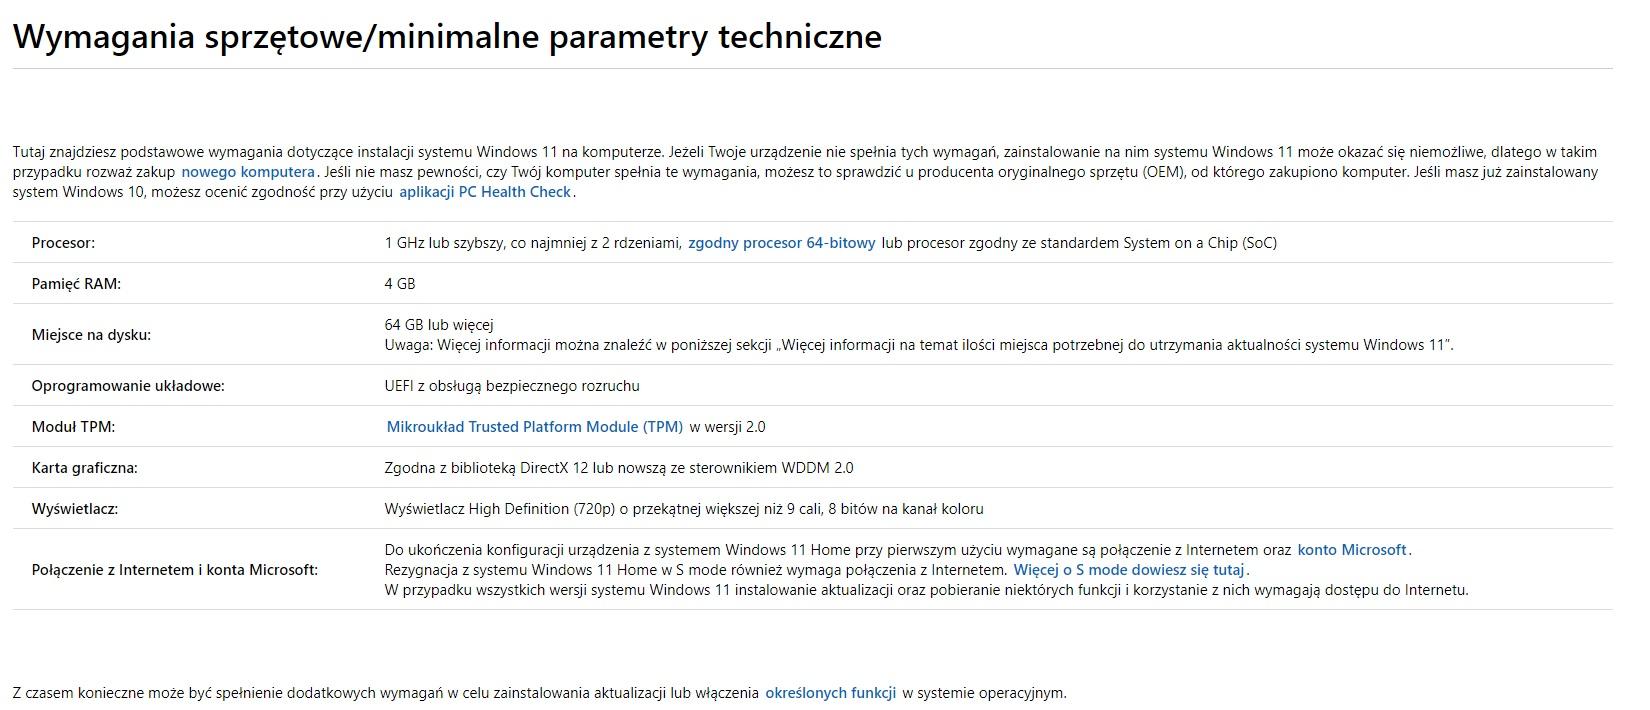 Windows 11 minimalne wymagania sprzętowe techniczne